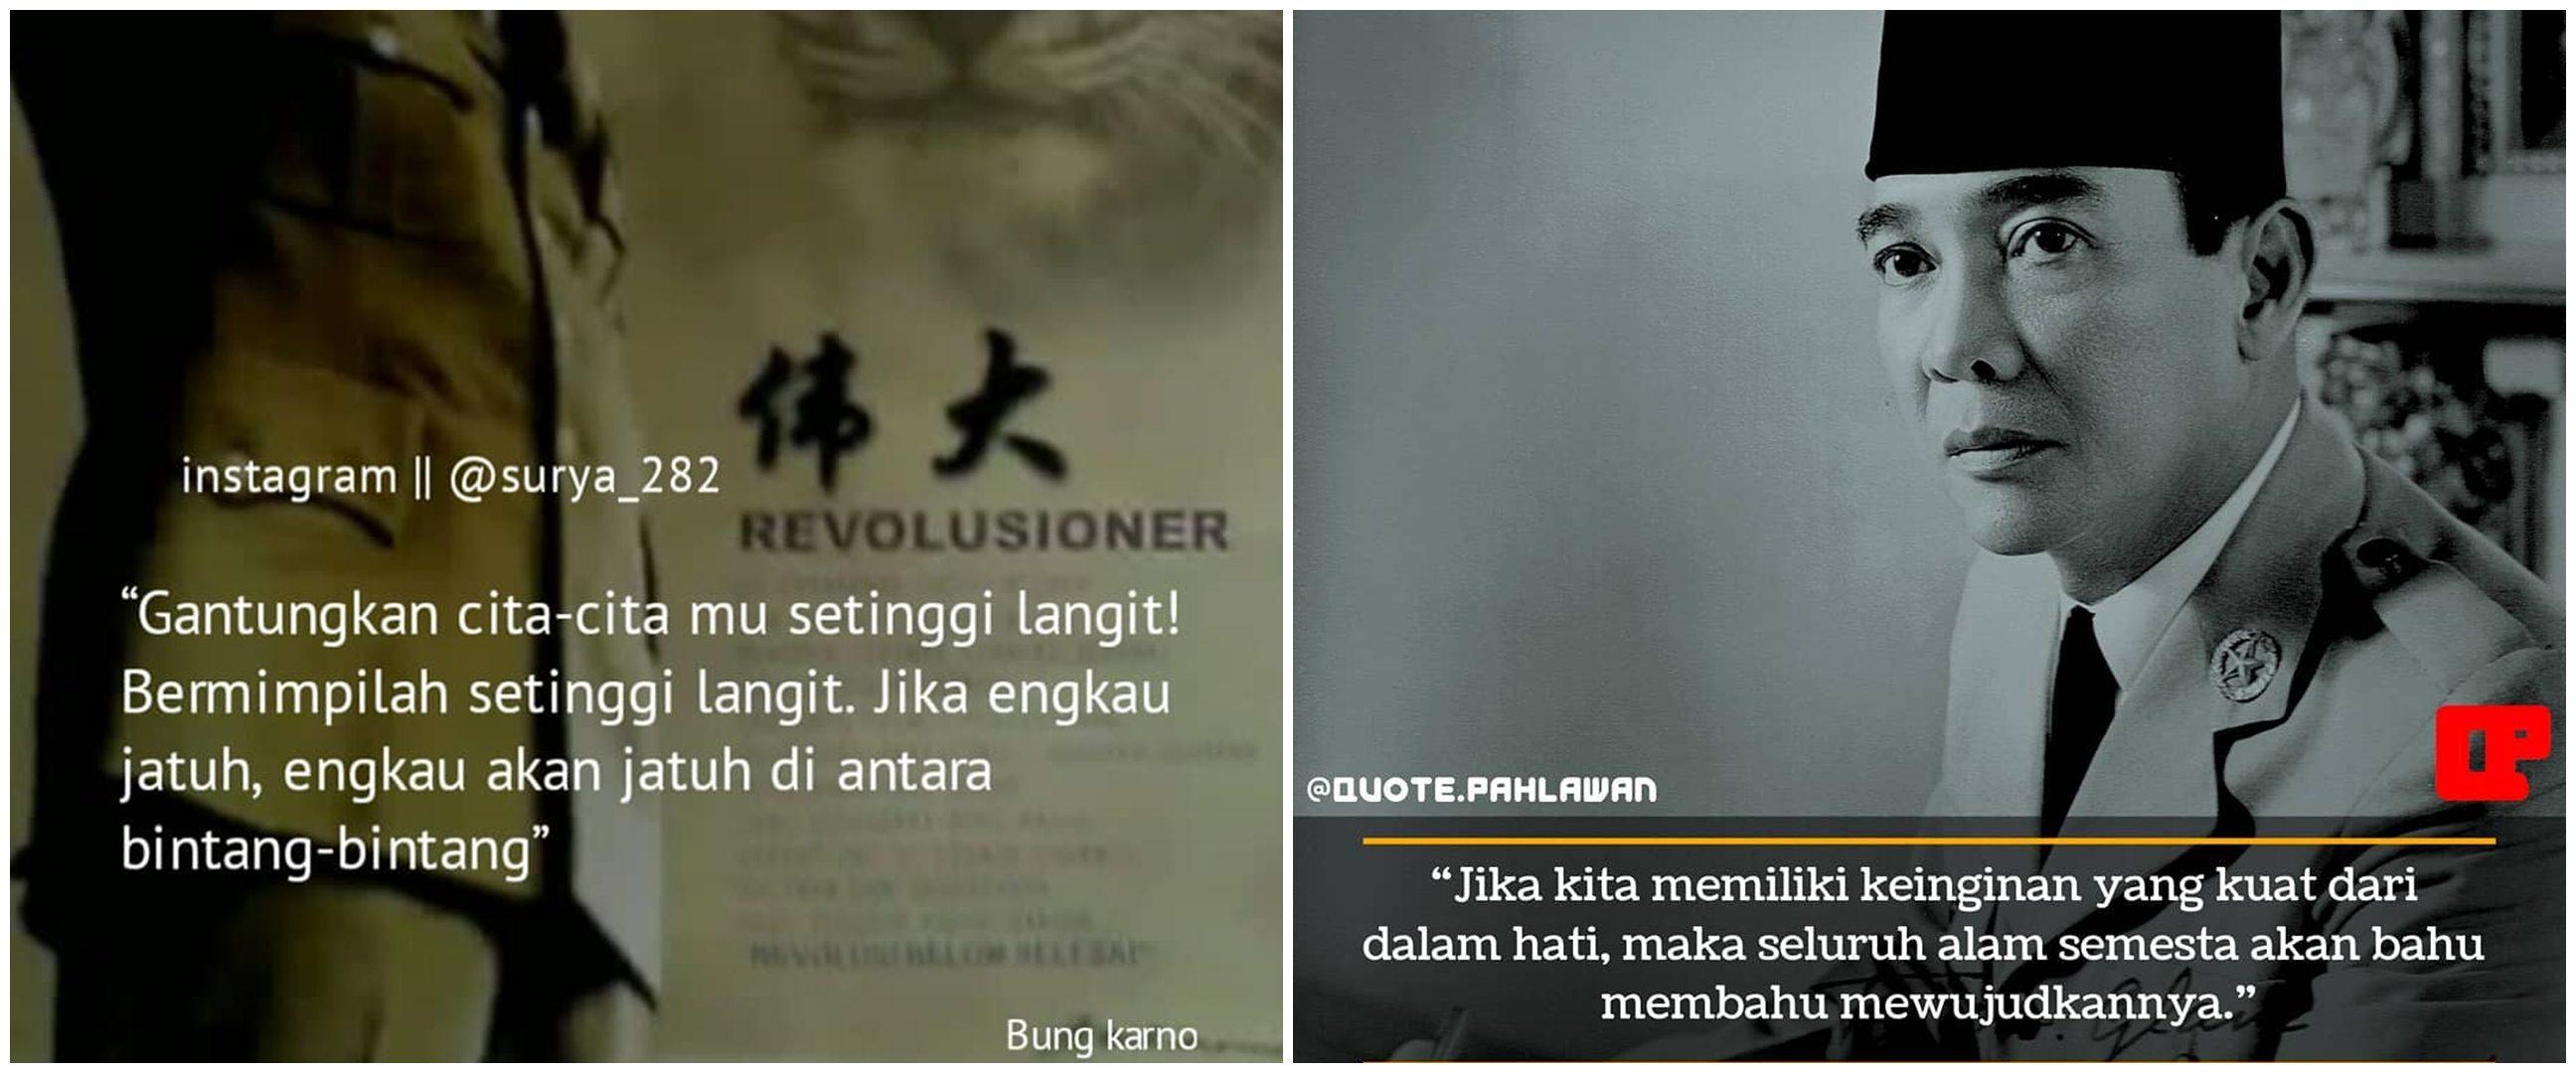 40 Kata-kata quote bijak Bung Karno sebagai semangat dan motivasi